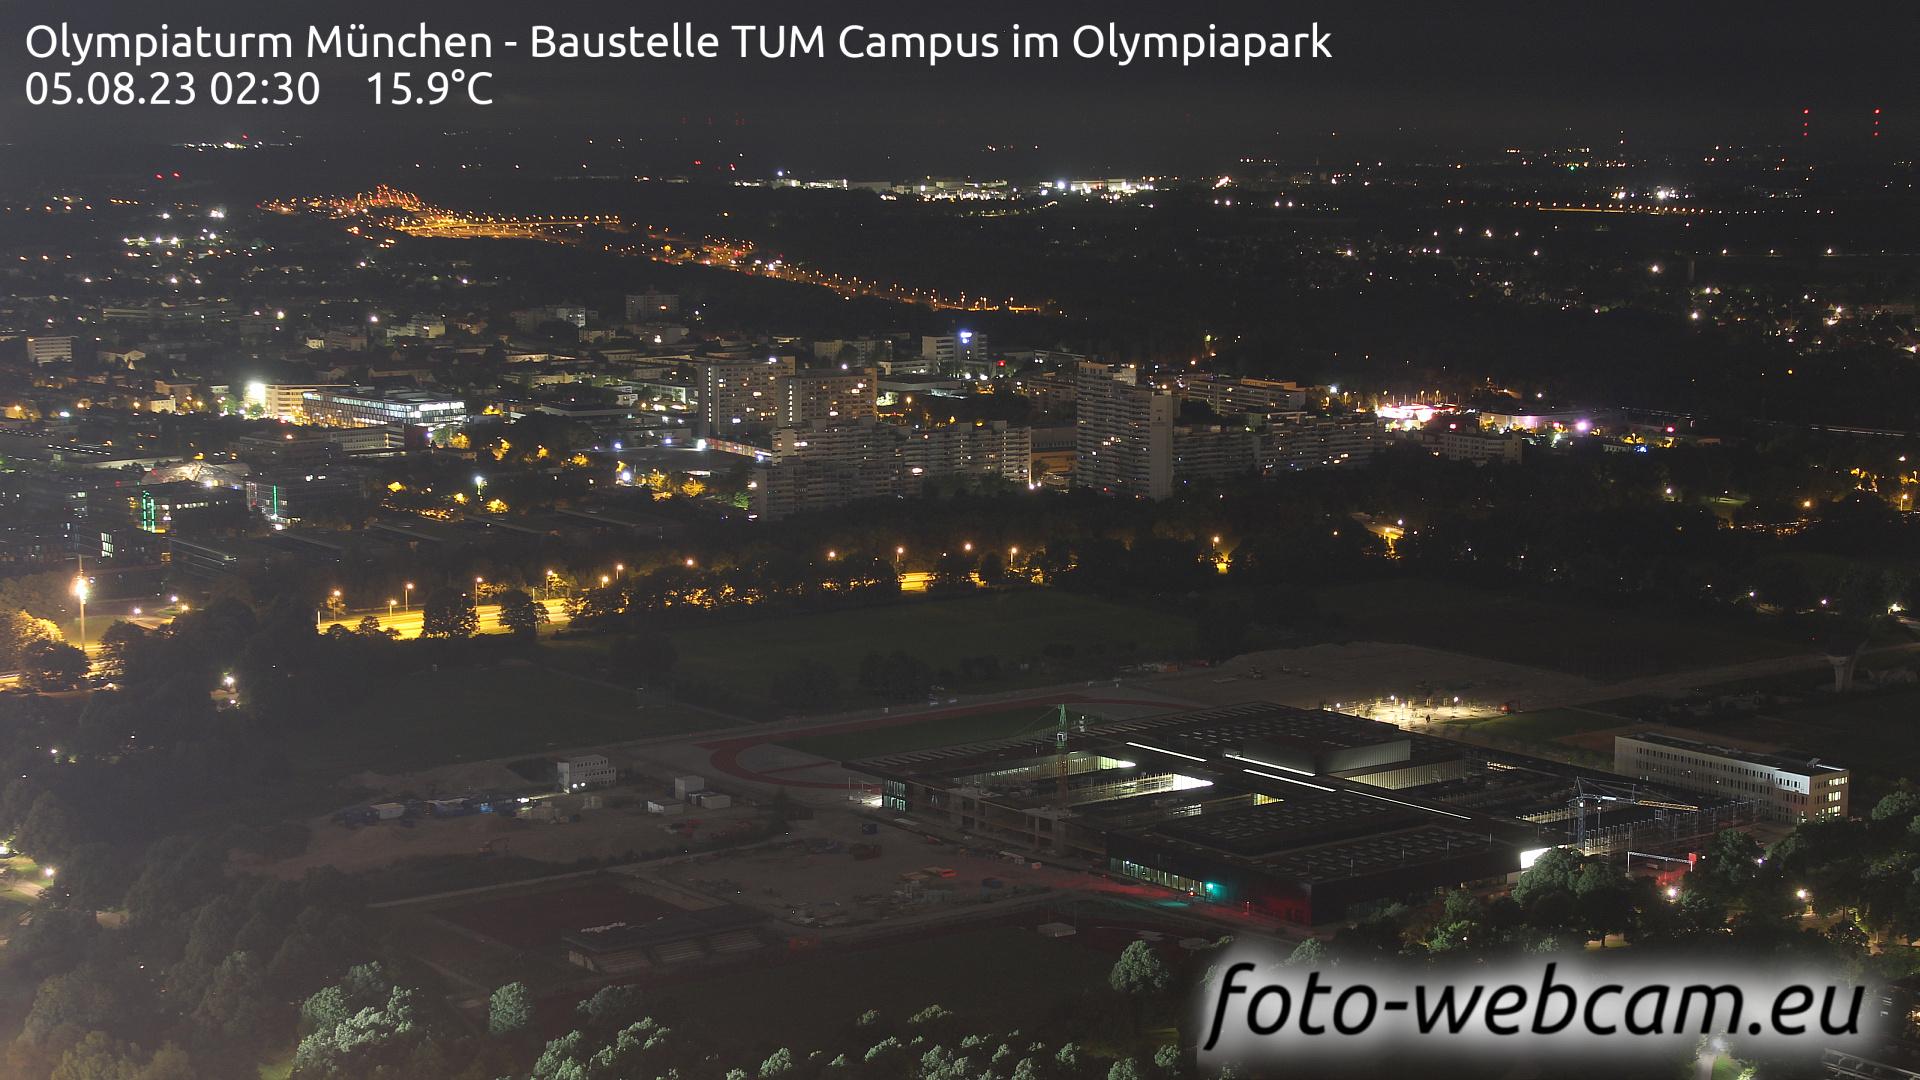 Munich Wed. 02:30